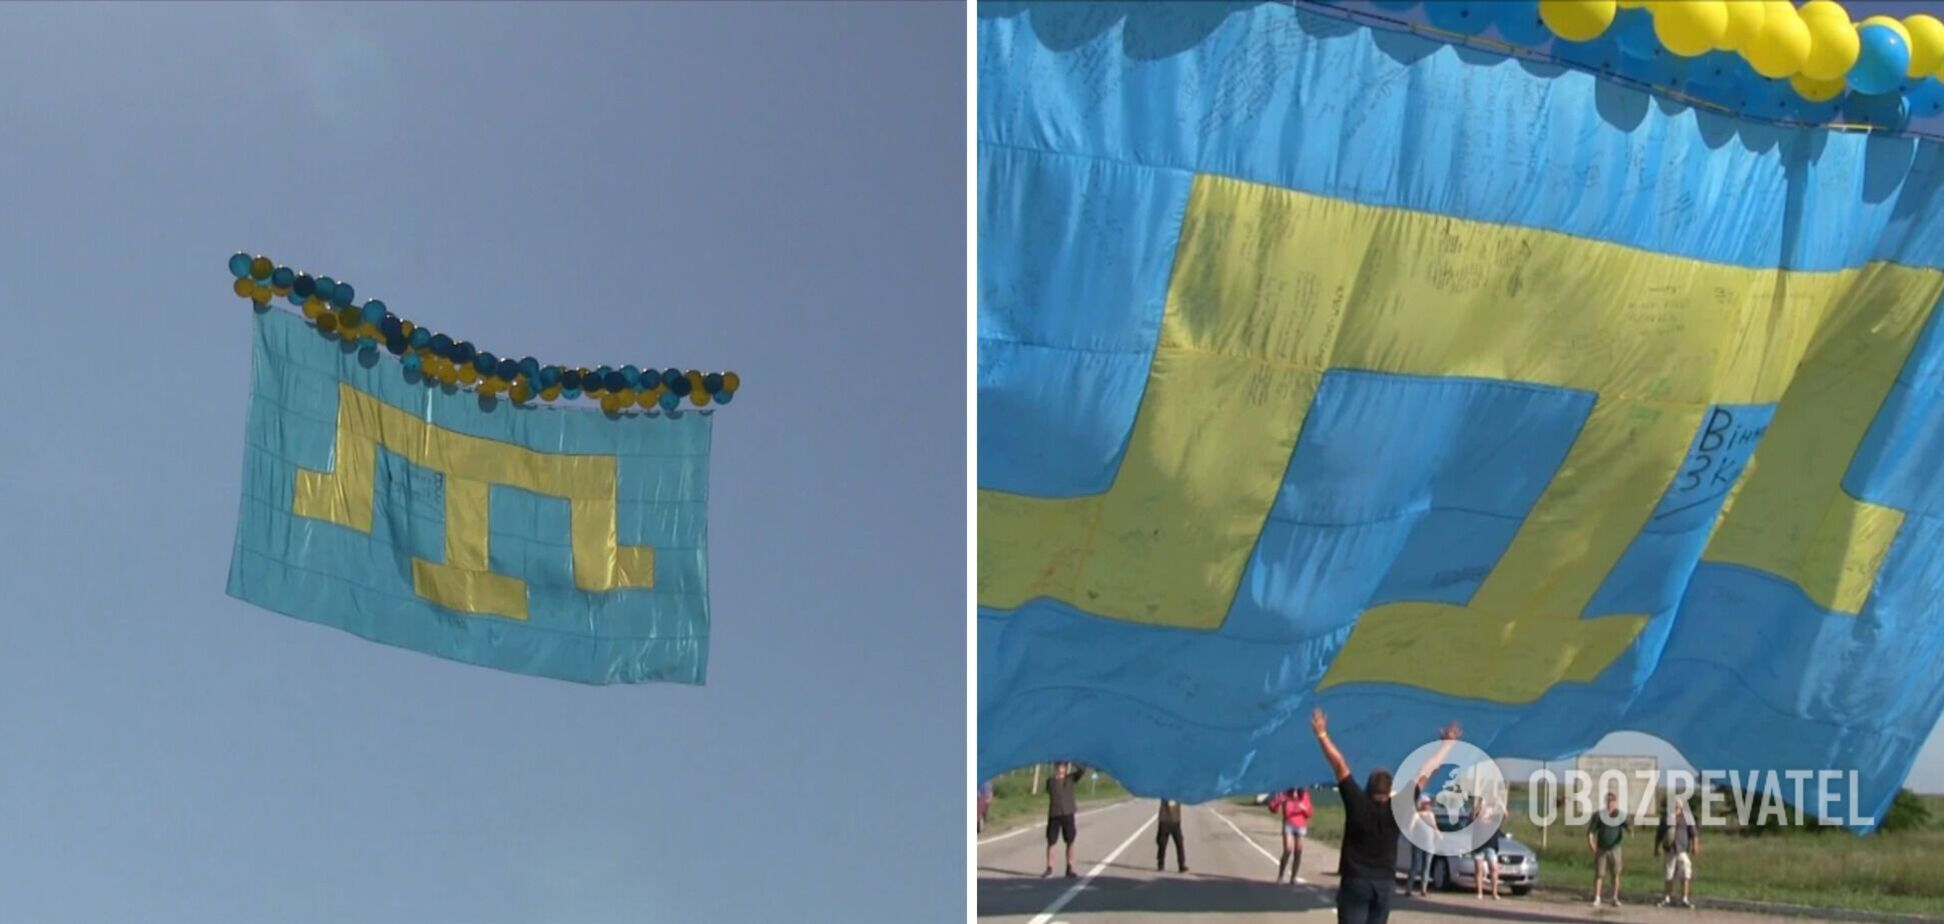 Над оккупированным Крымом запустили огромный крымскотатарский флаг. Фото